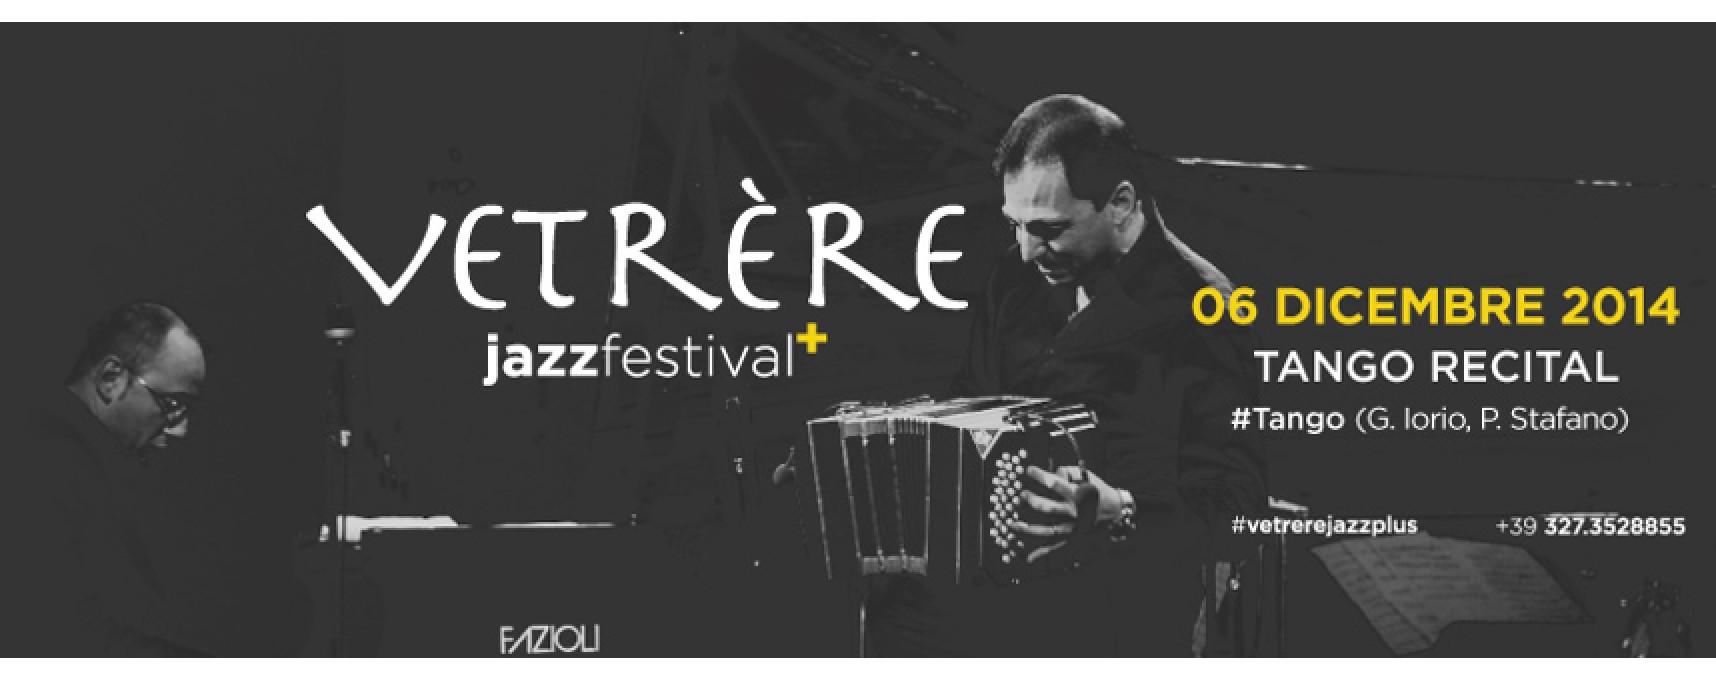 """Le note sensuali del tango nella prima serata del """"Vetrère Jazz Festival plus"""""""